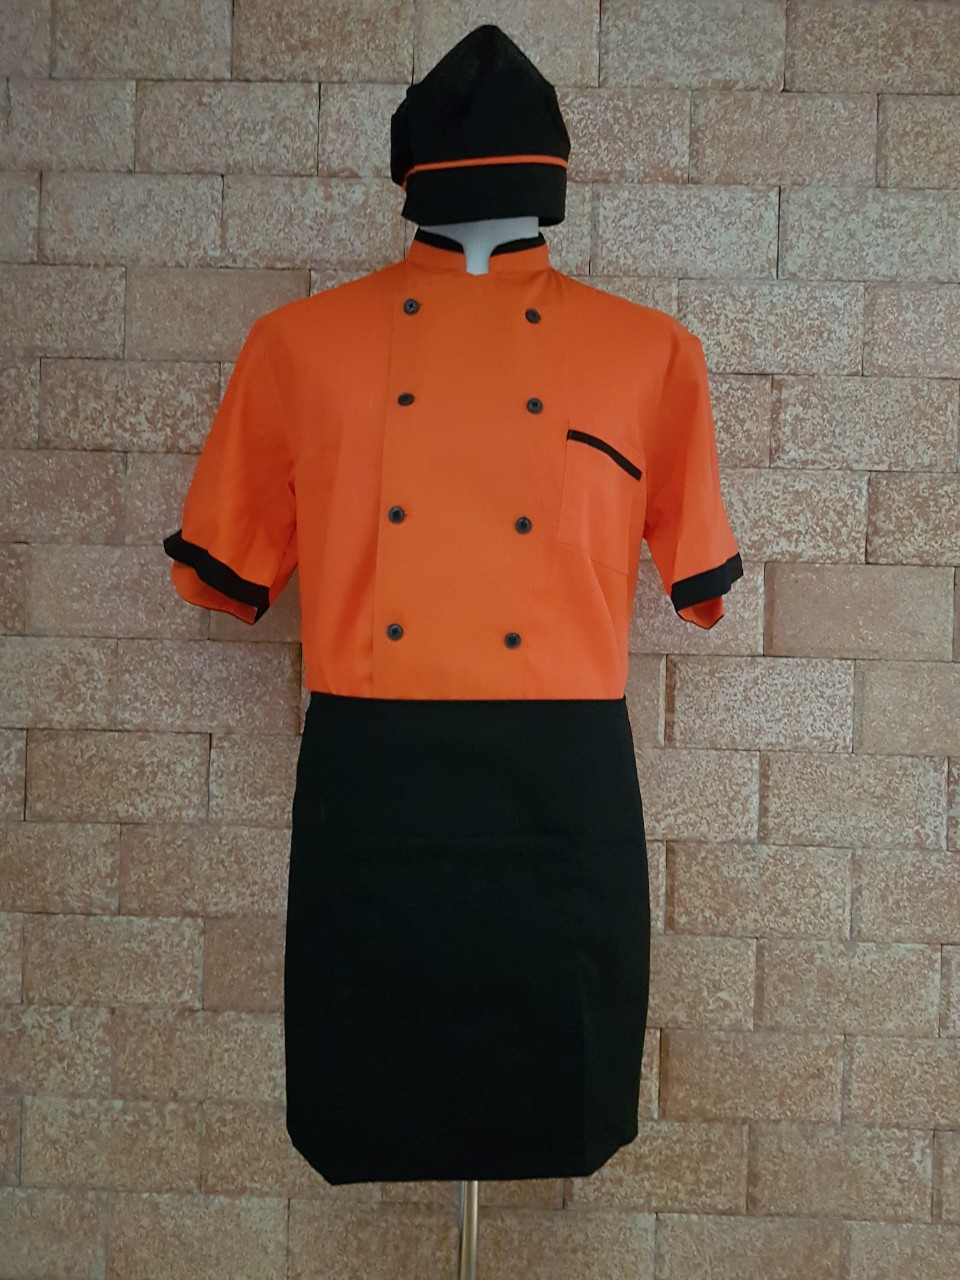 đồng phục đầu bếp có sẵn ở tphcm